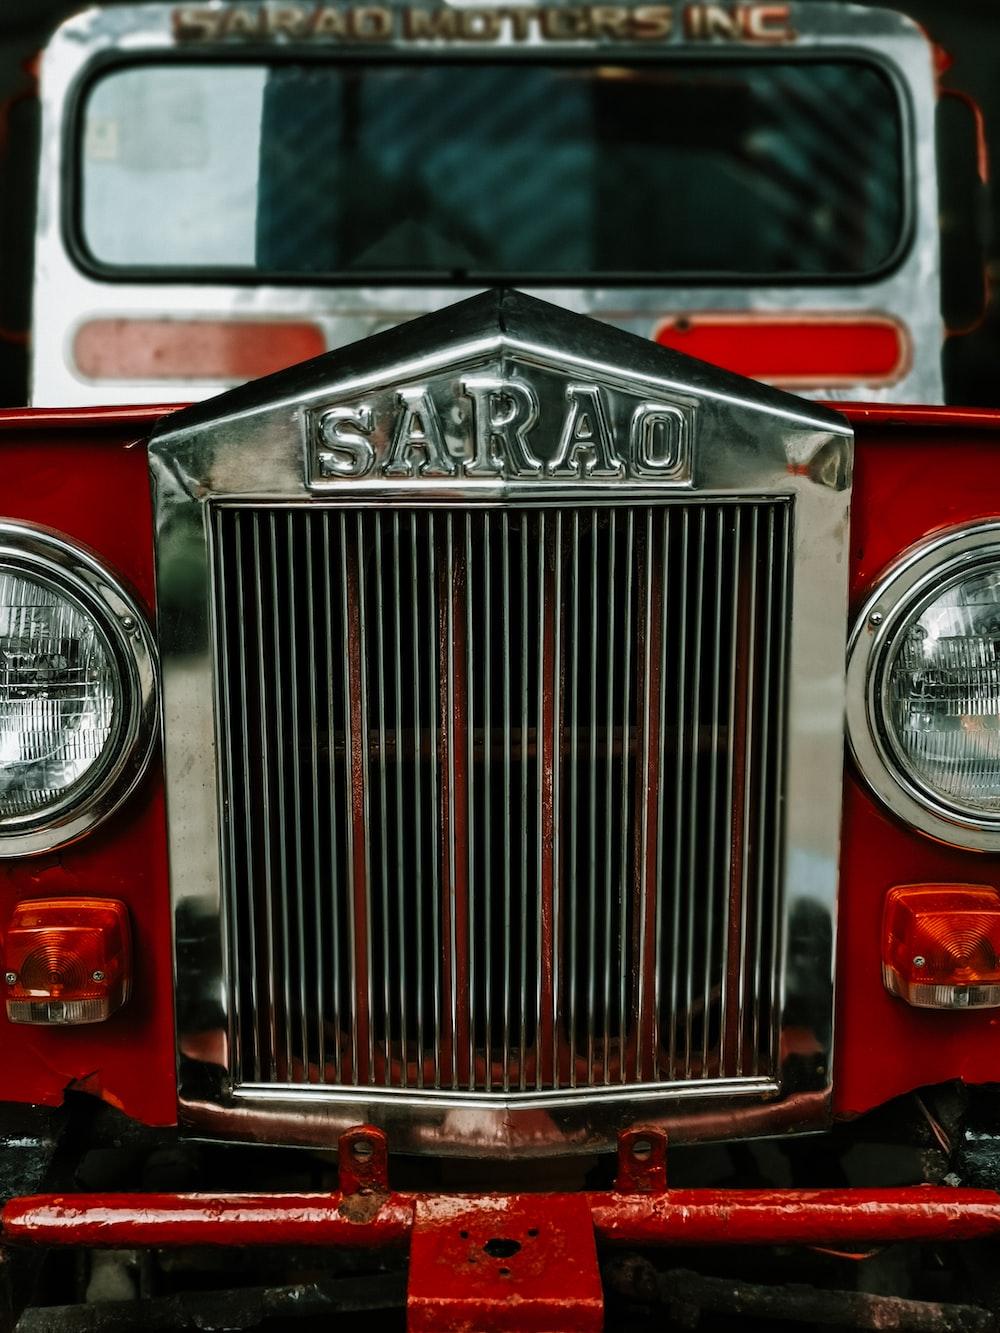 red Sarao vehicle